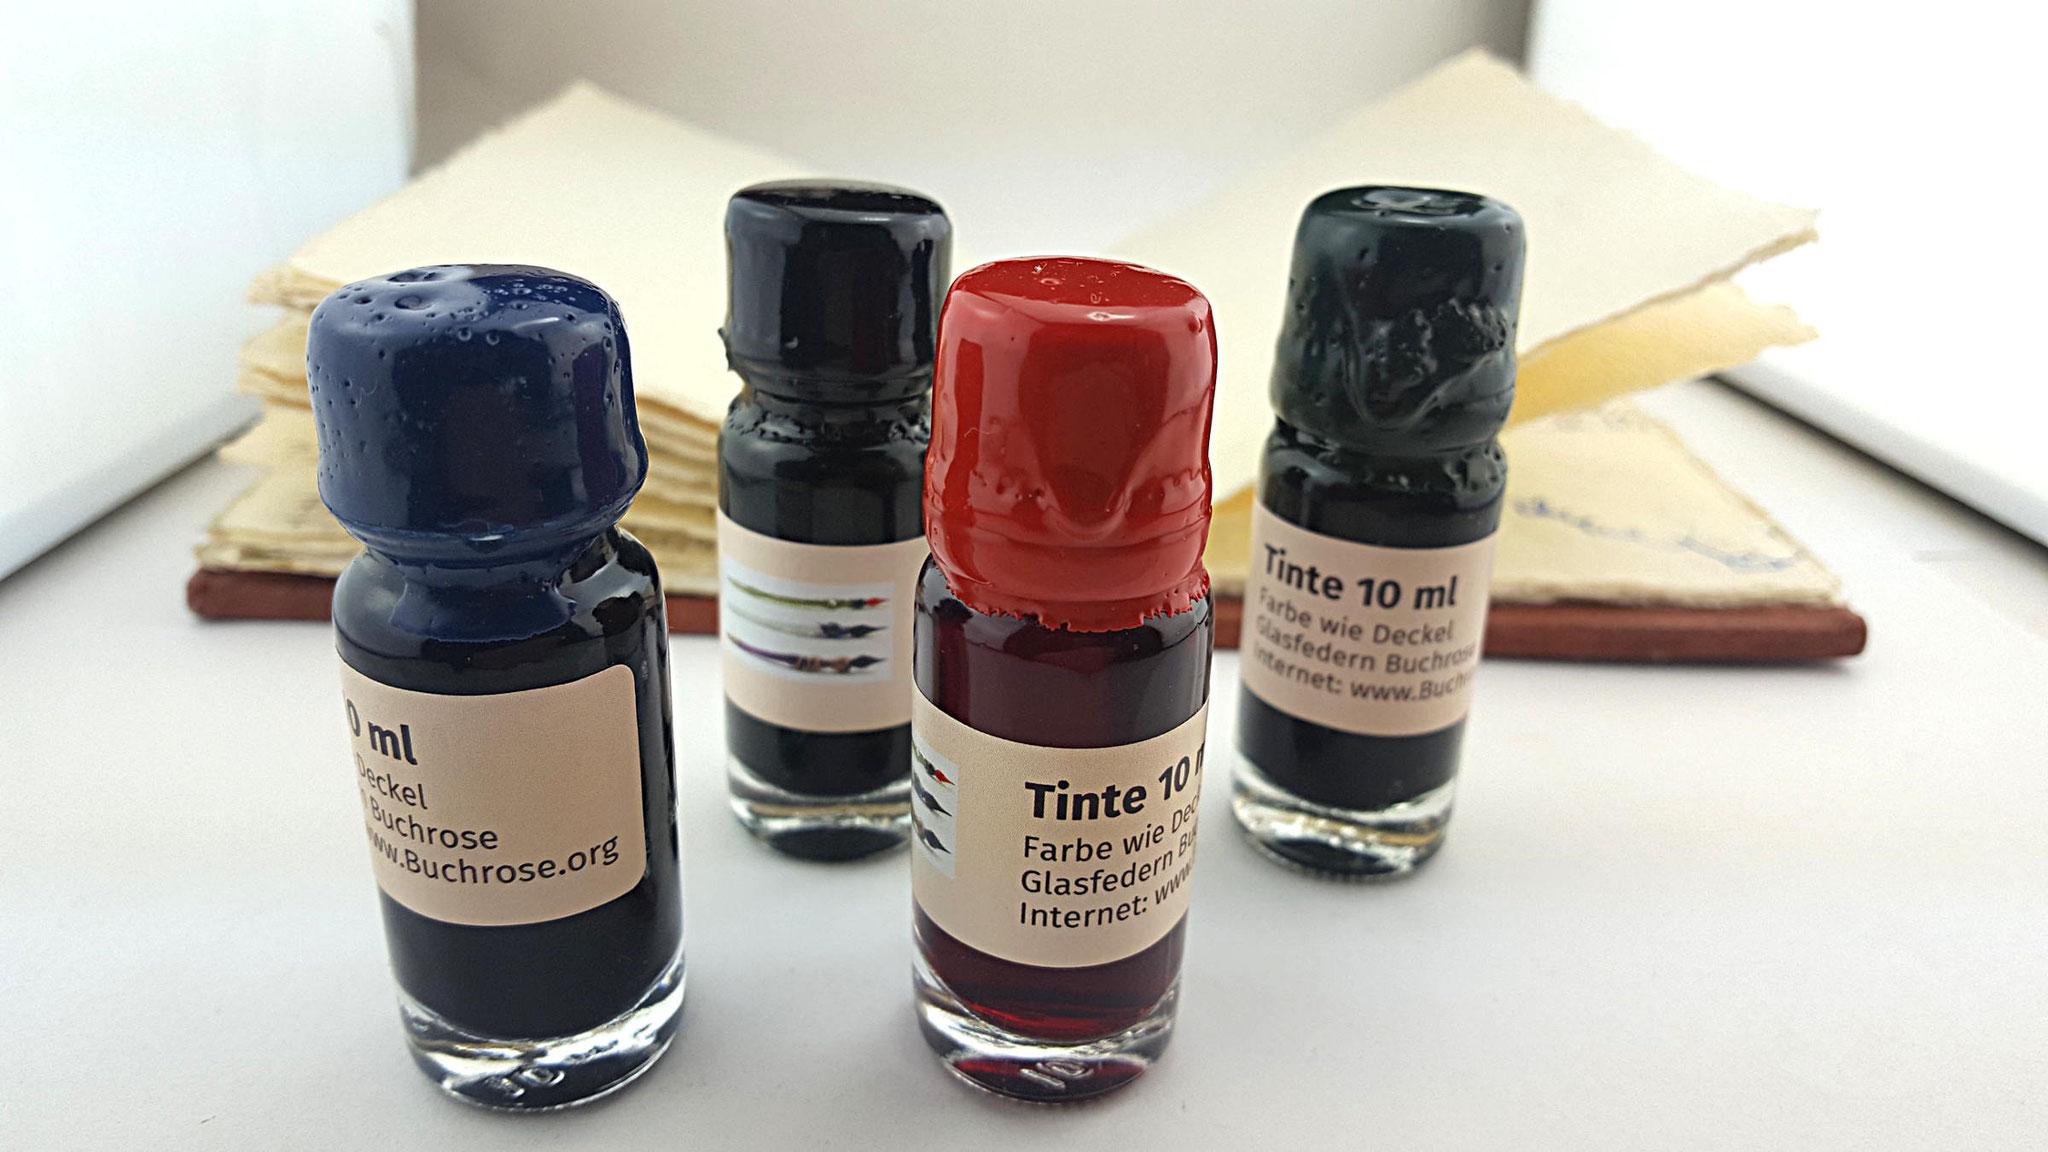 Jetzt sind kleine (10ml) Tinten im Shop erhältlich